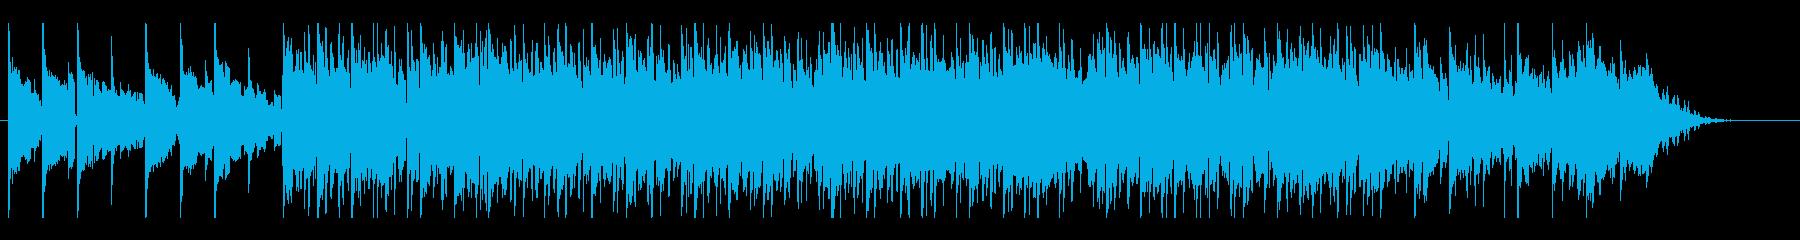 心地いいリズムのLo-Fi HipHopの再生済みの波形